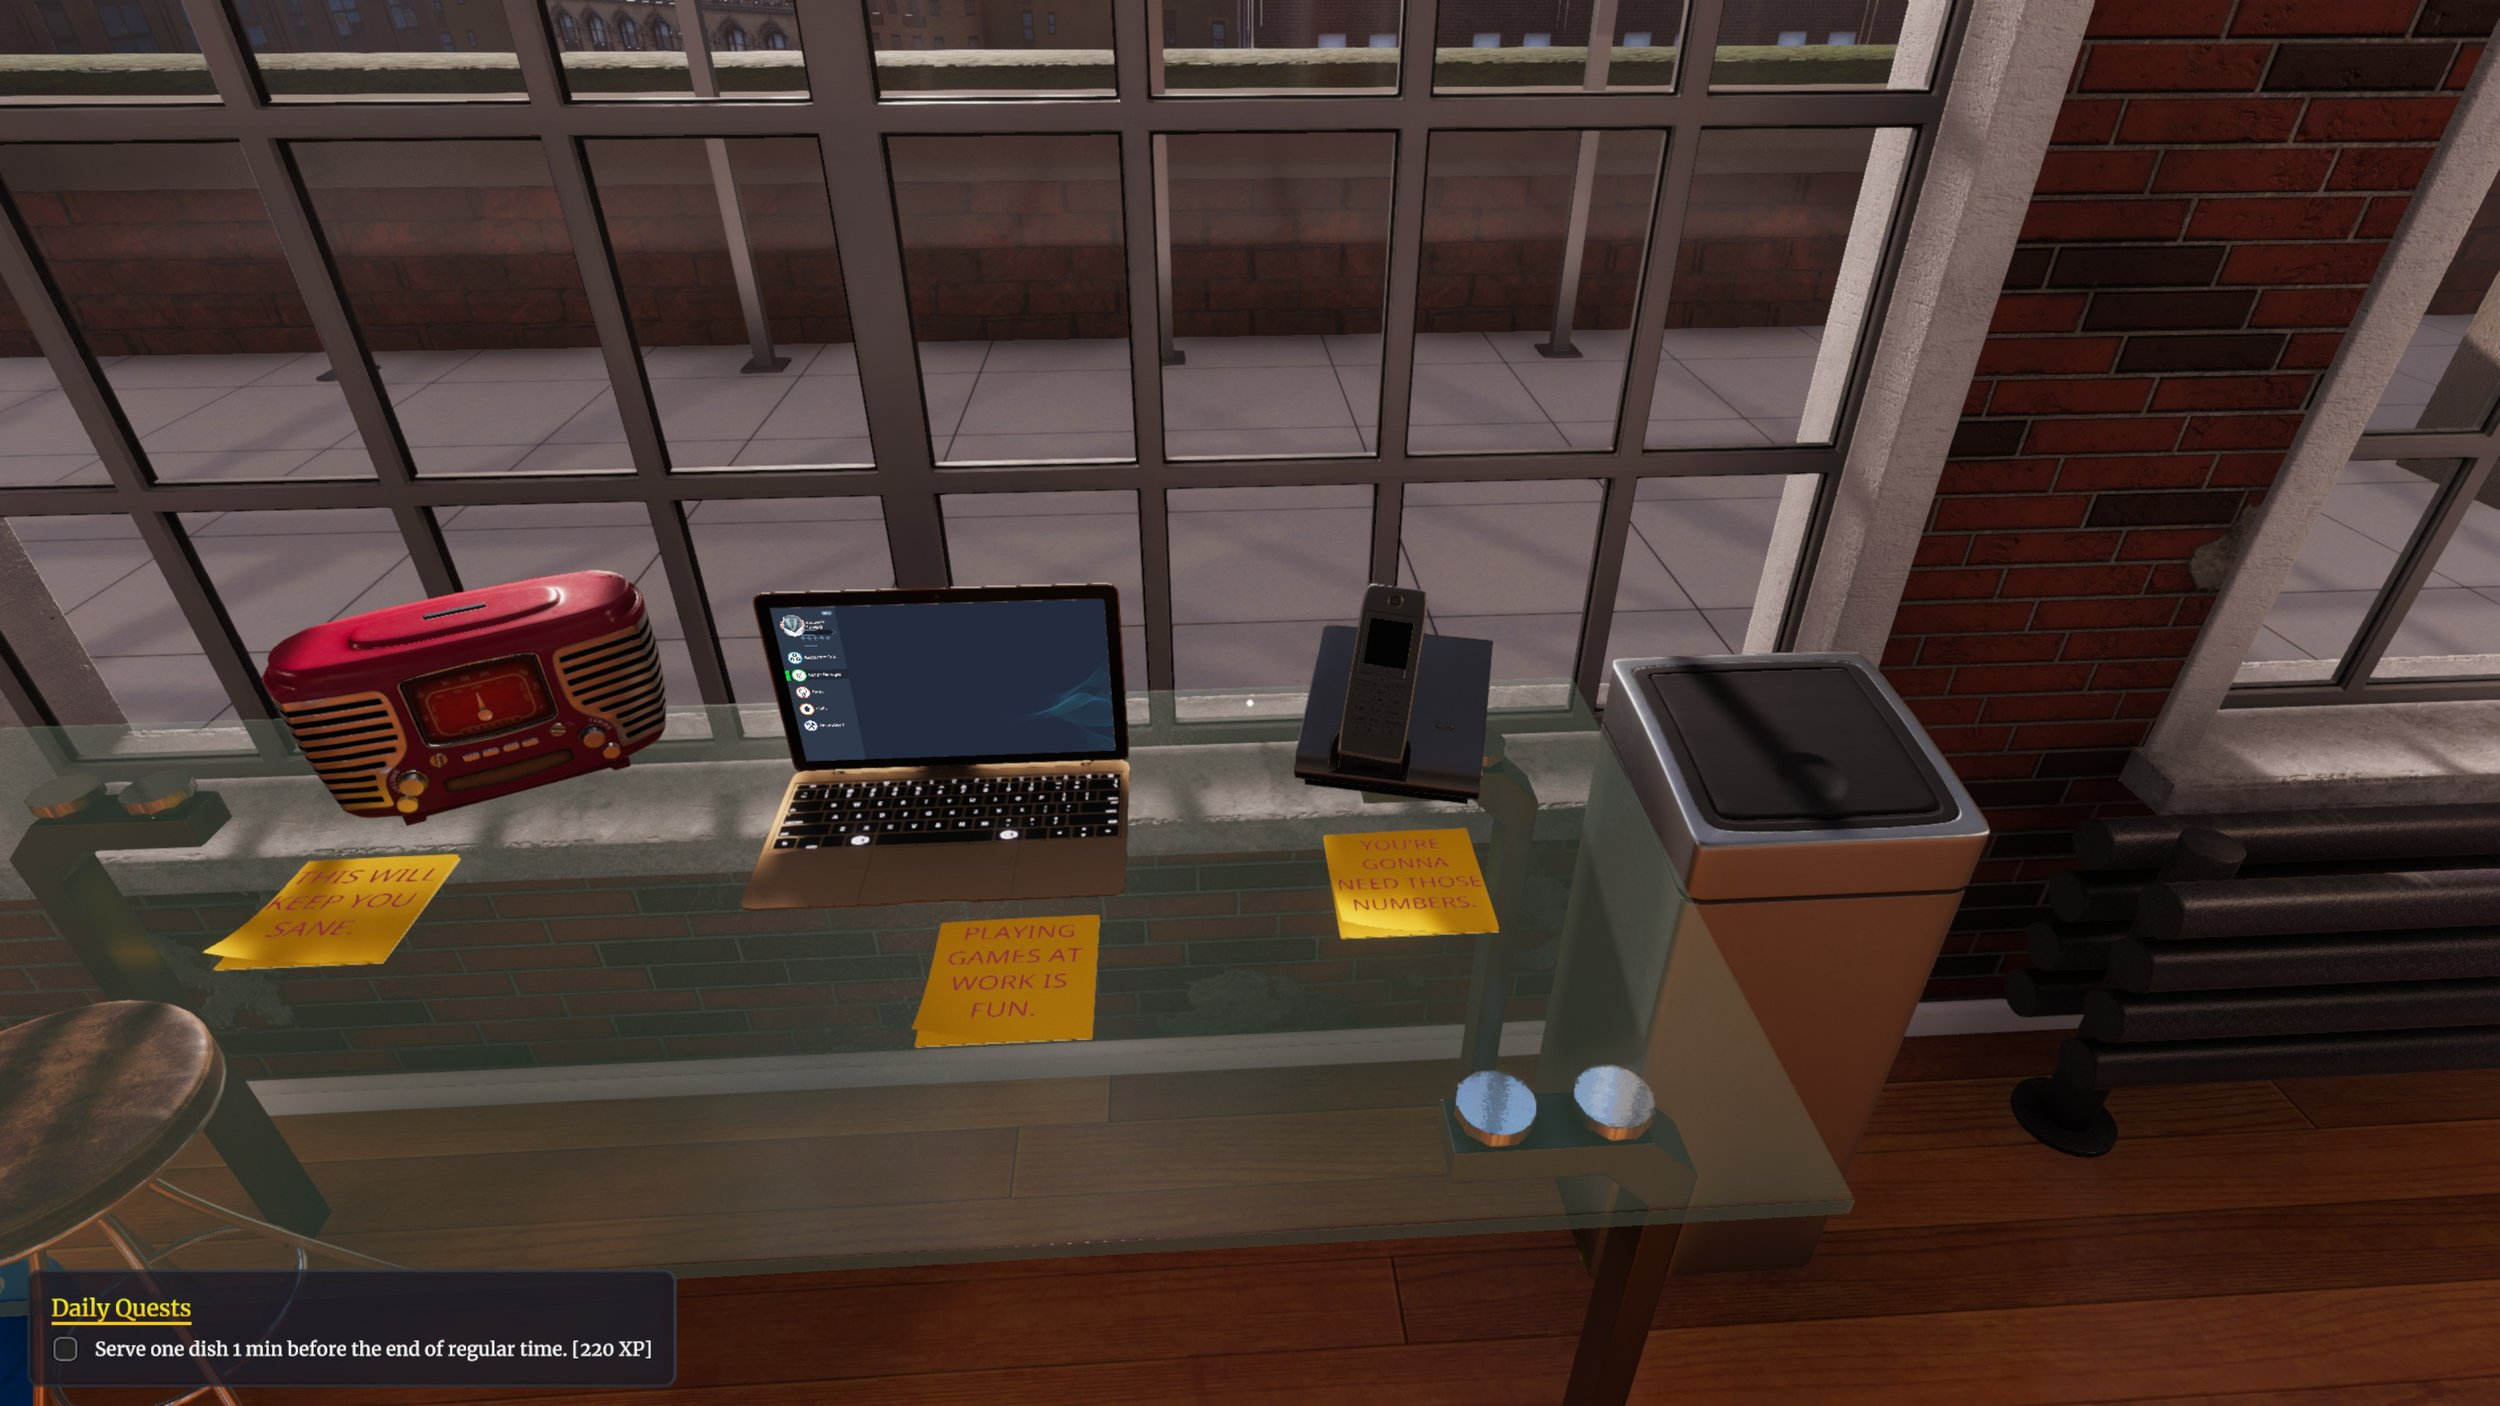 In caso di emergenza, rompere il vetro e ordinare su Deliveroo.